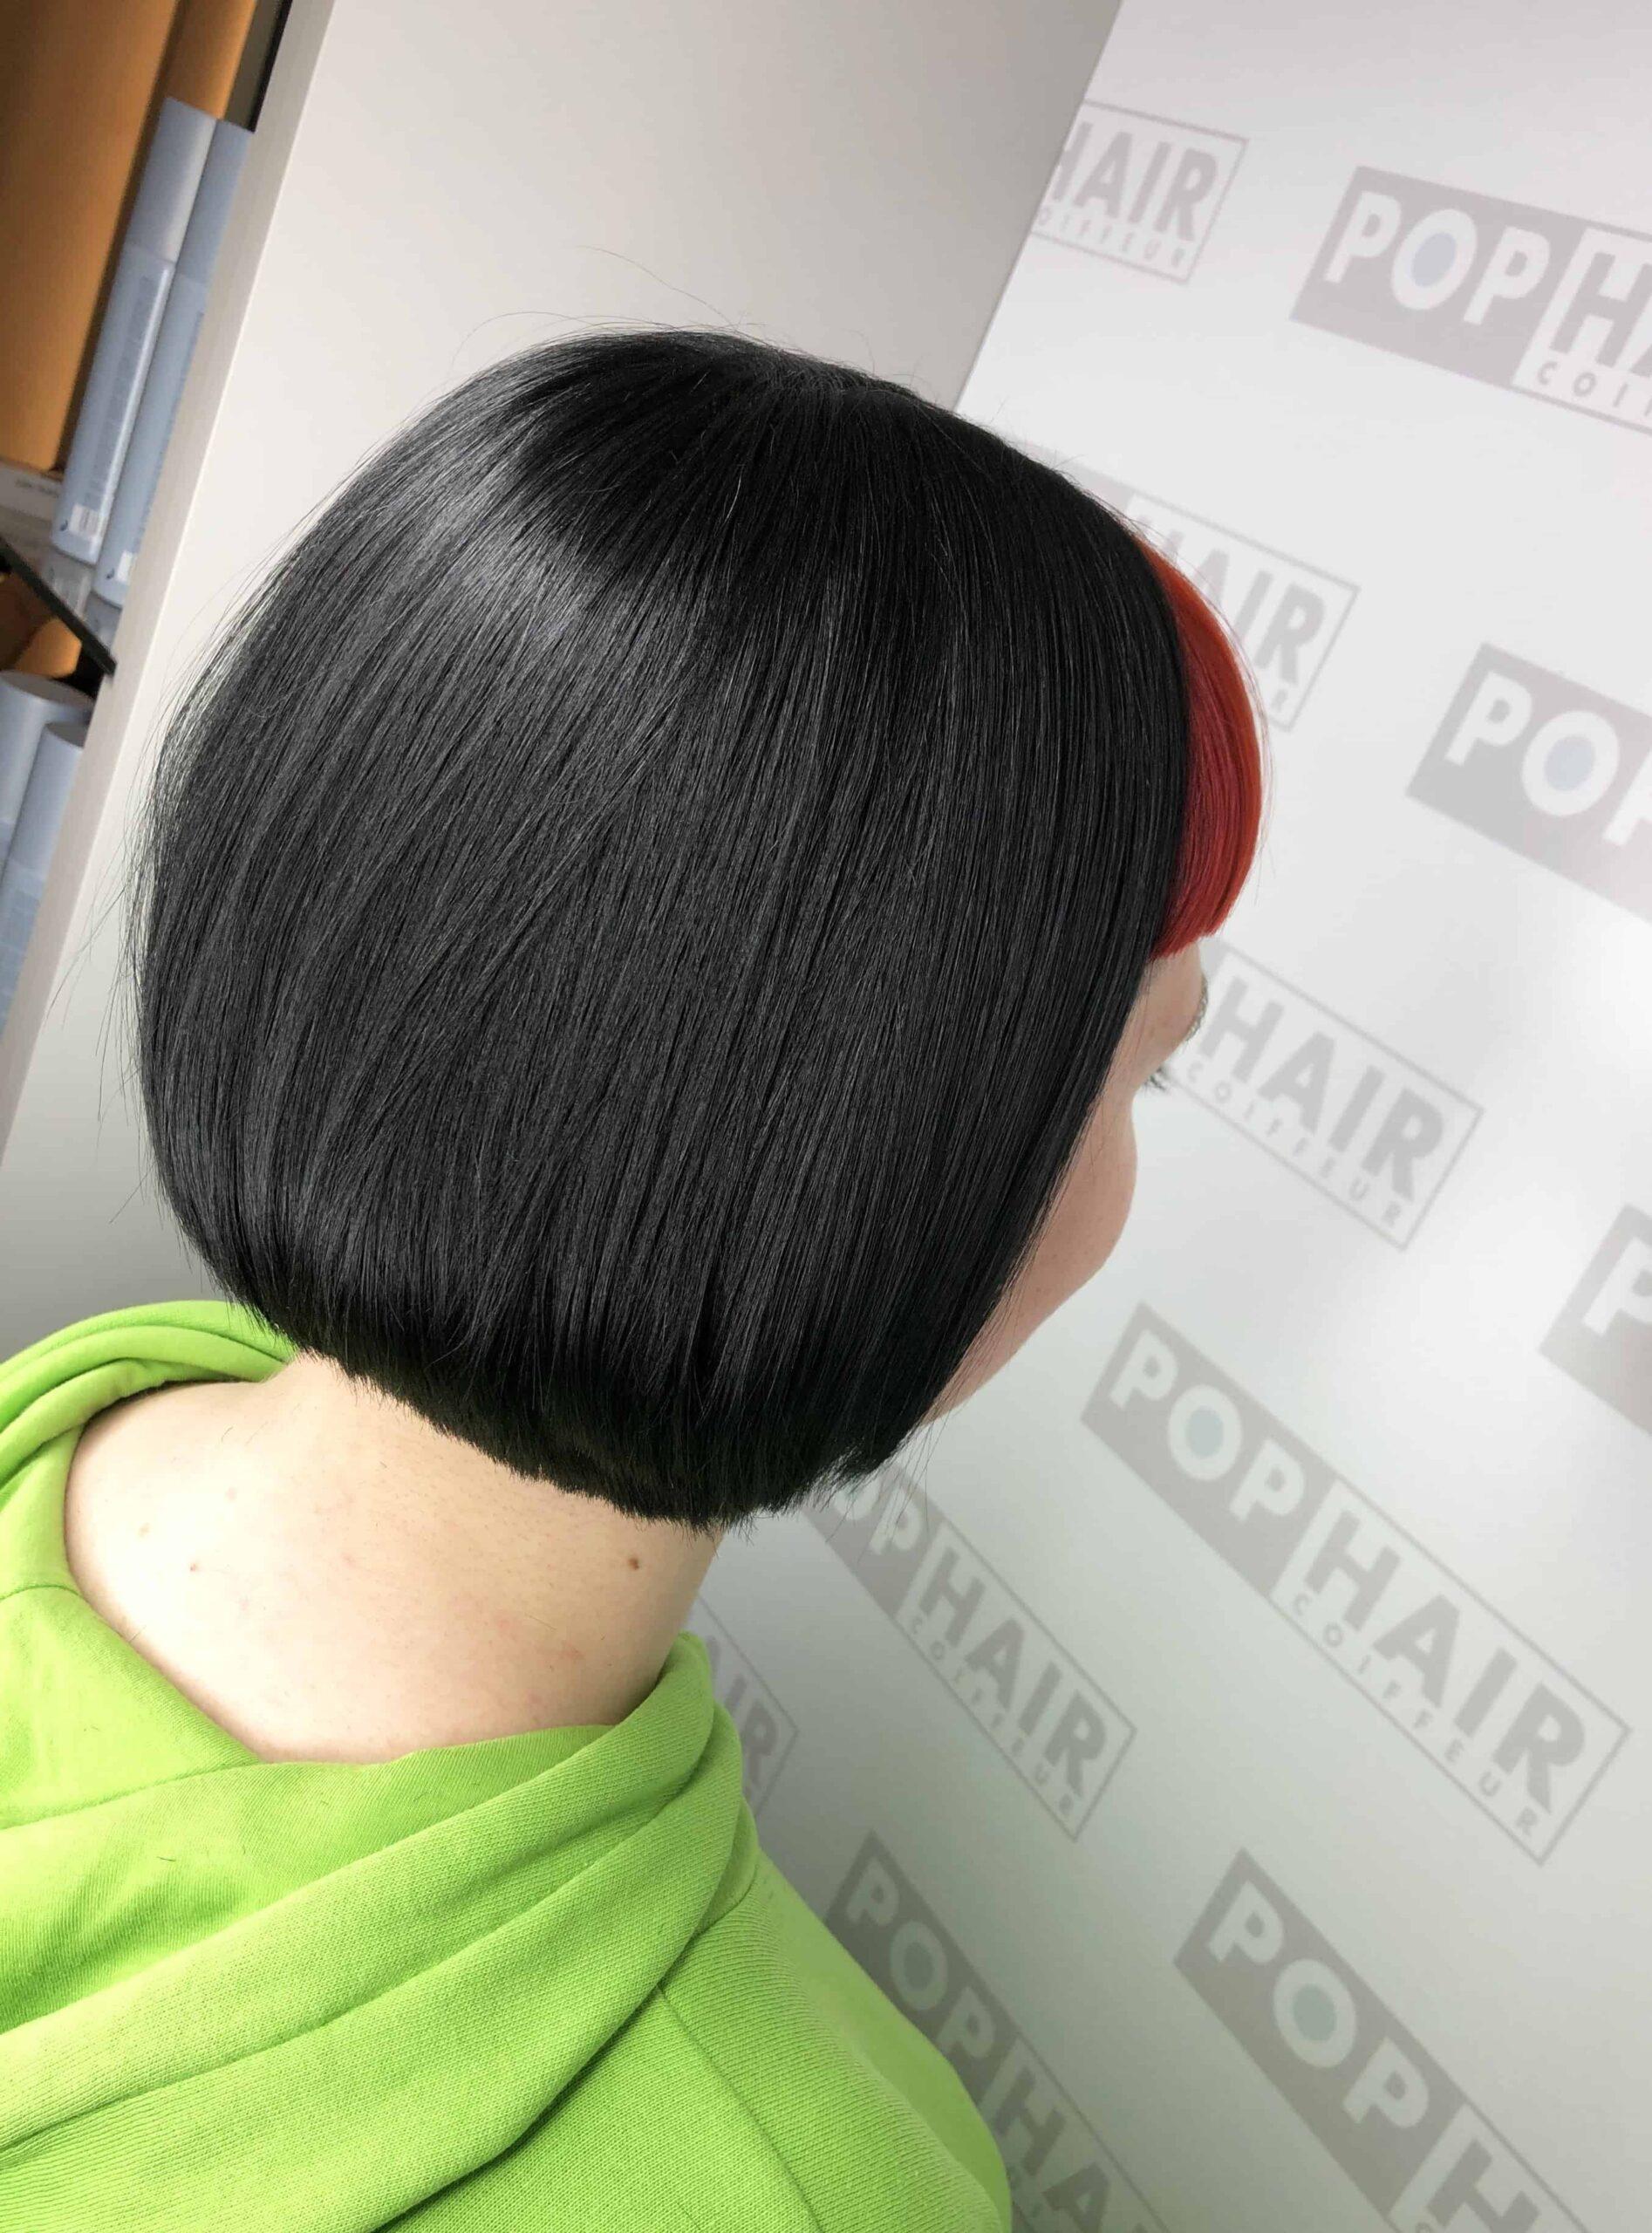 Kurzer Bob Oder Wieder Lang Foto Haare Frisur Friseur